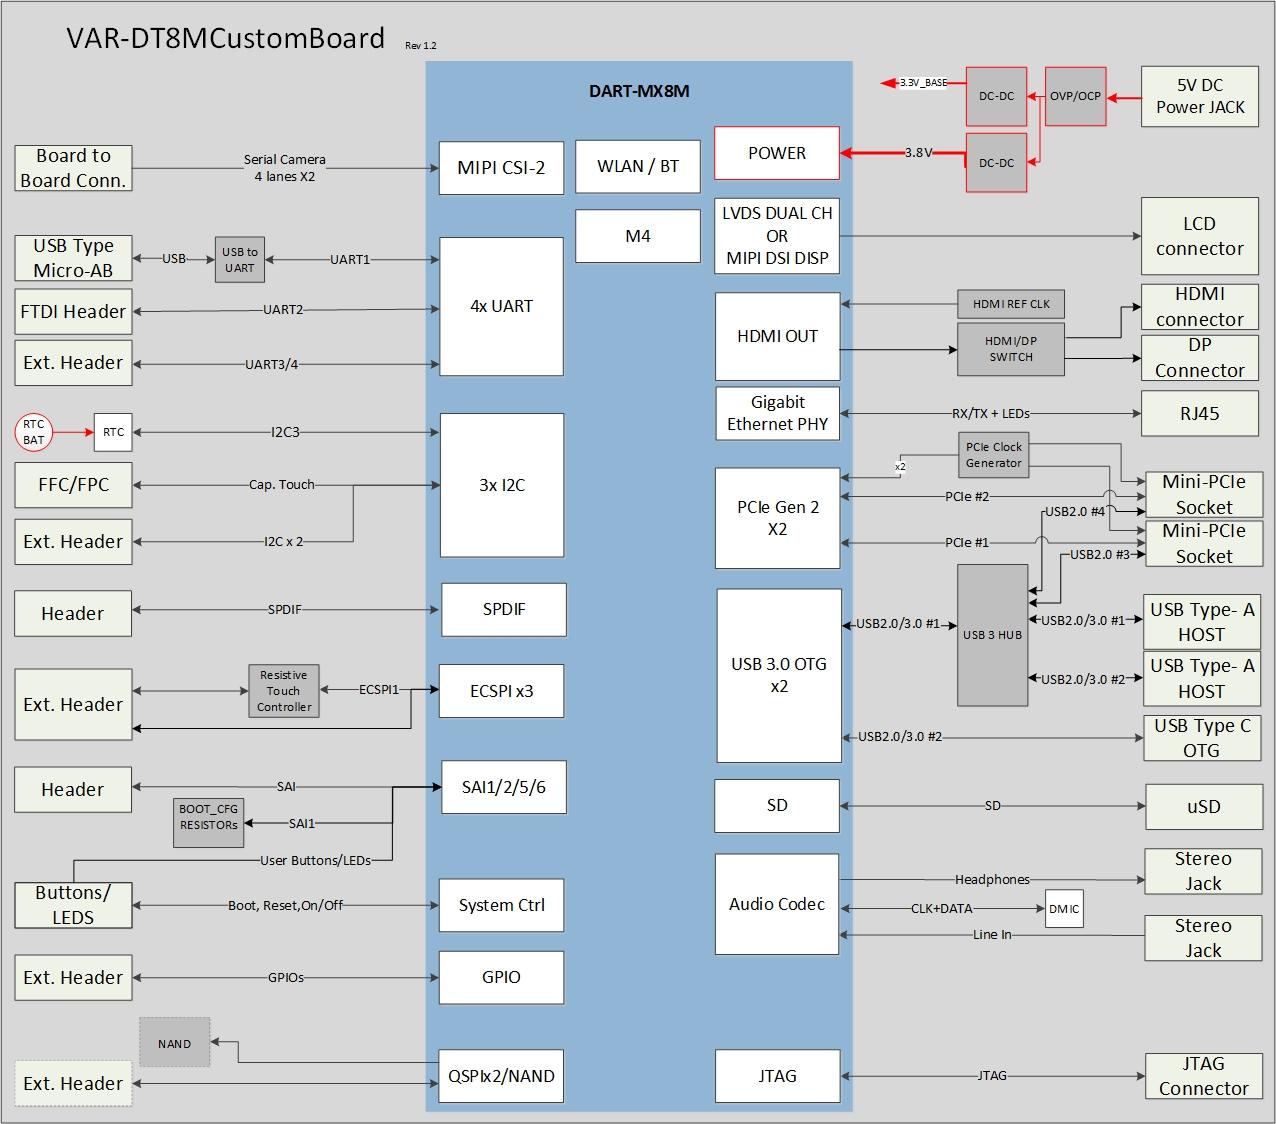 VAR-DT8MCustomBoard Diagram